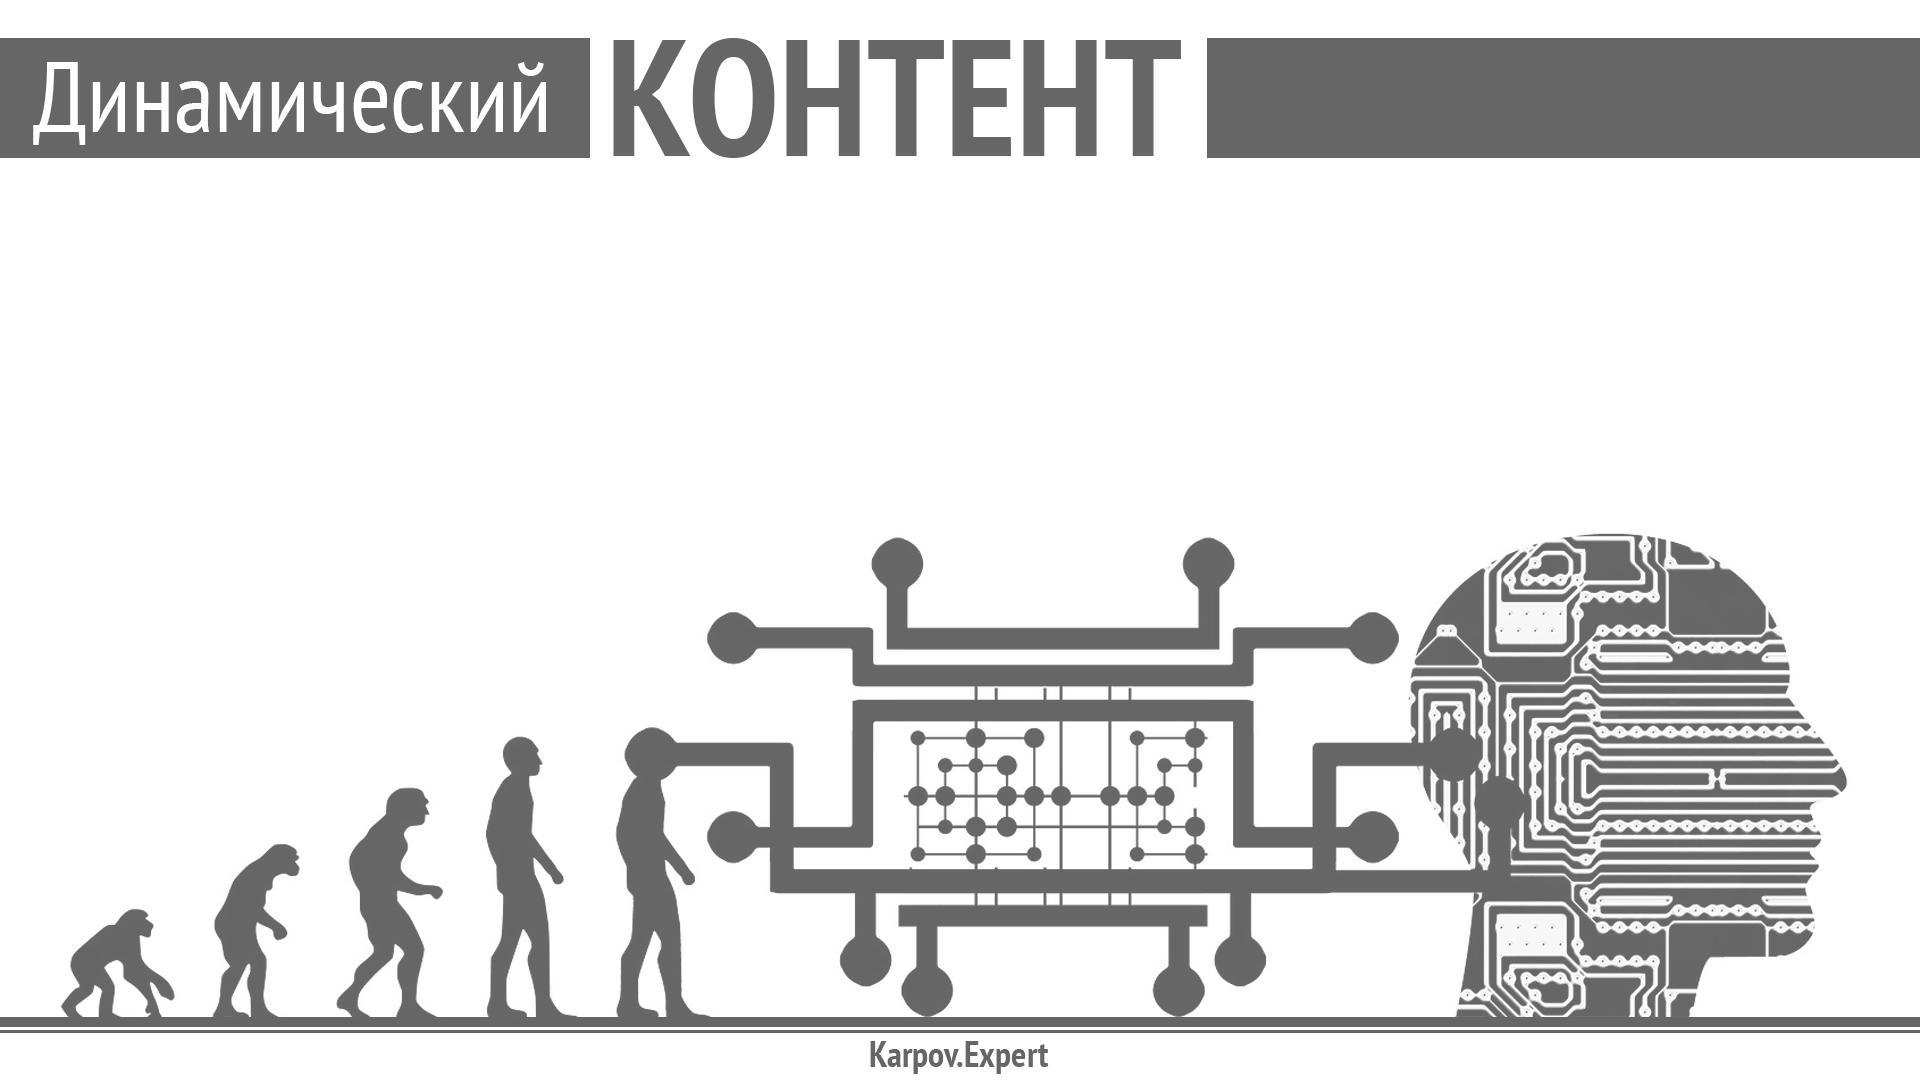 Karpov-WordCamp2019_Page_23